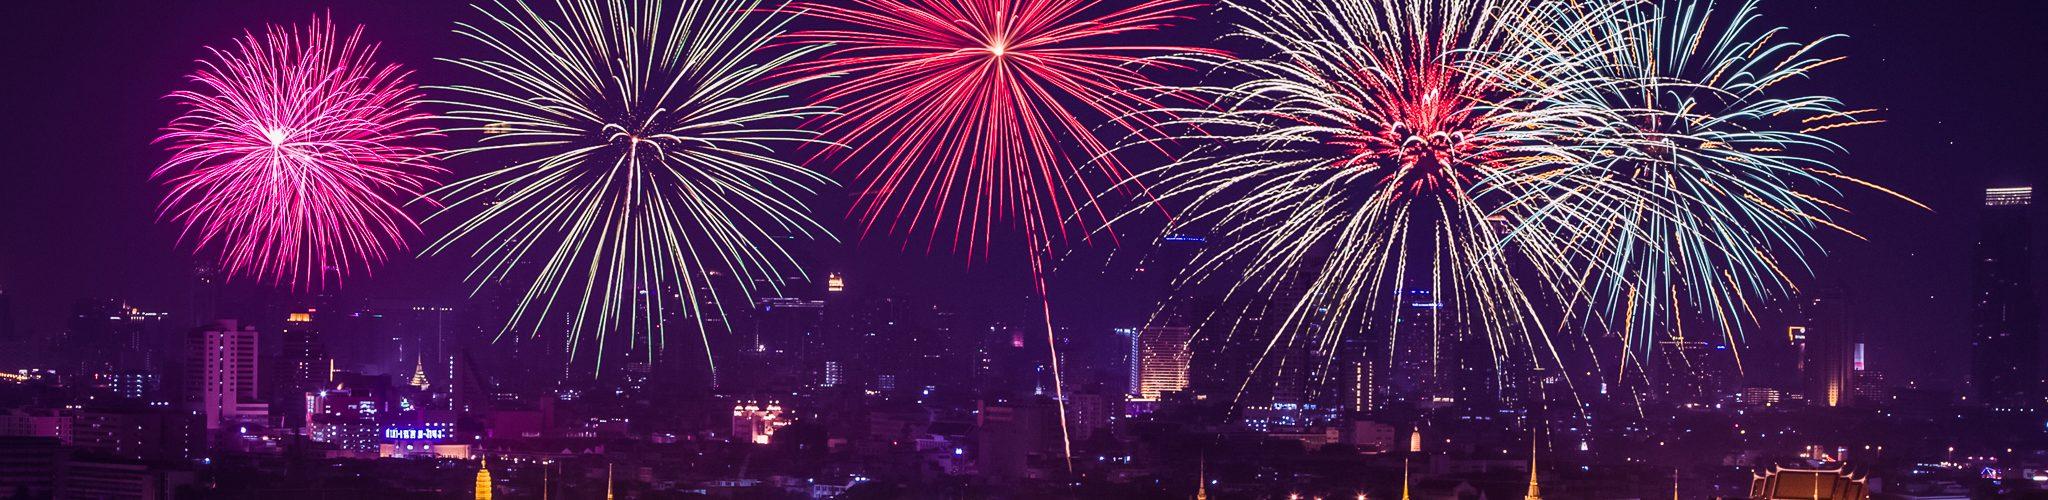 بانكوك تستقبل العام الجديد 2017